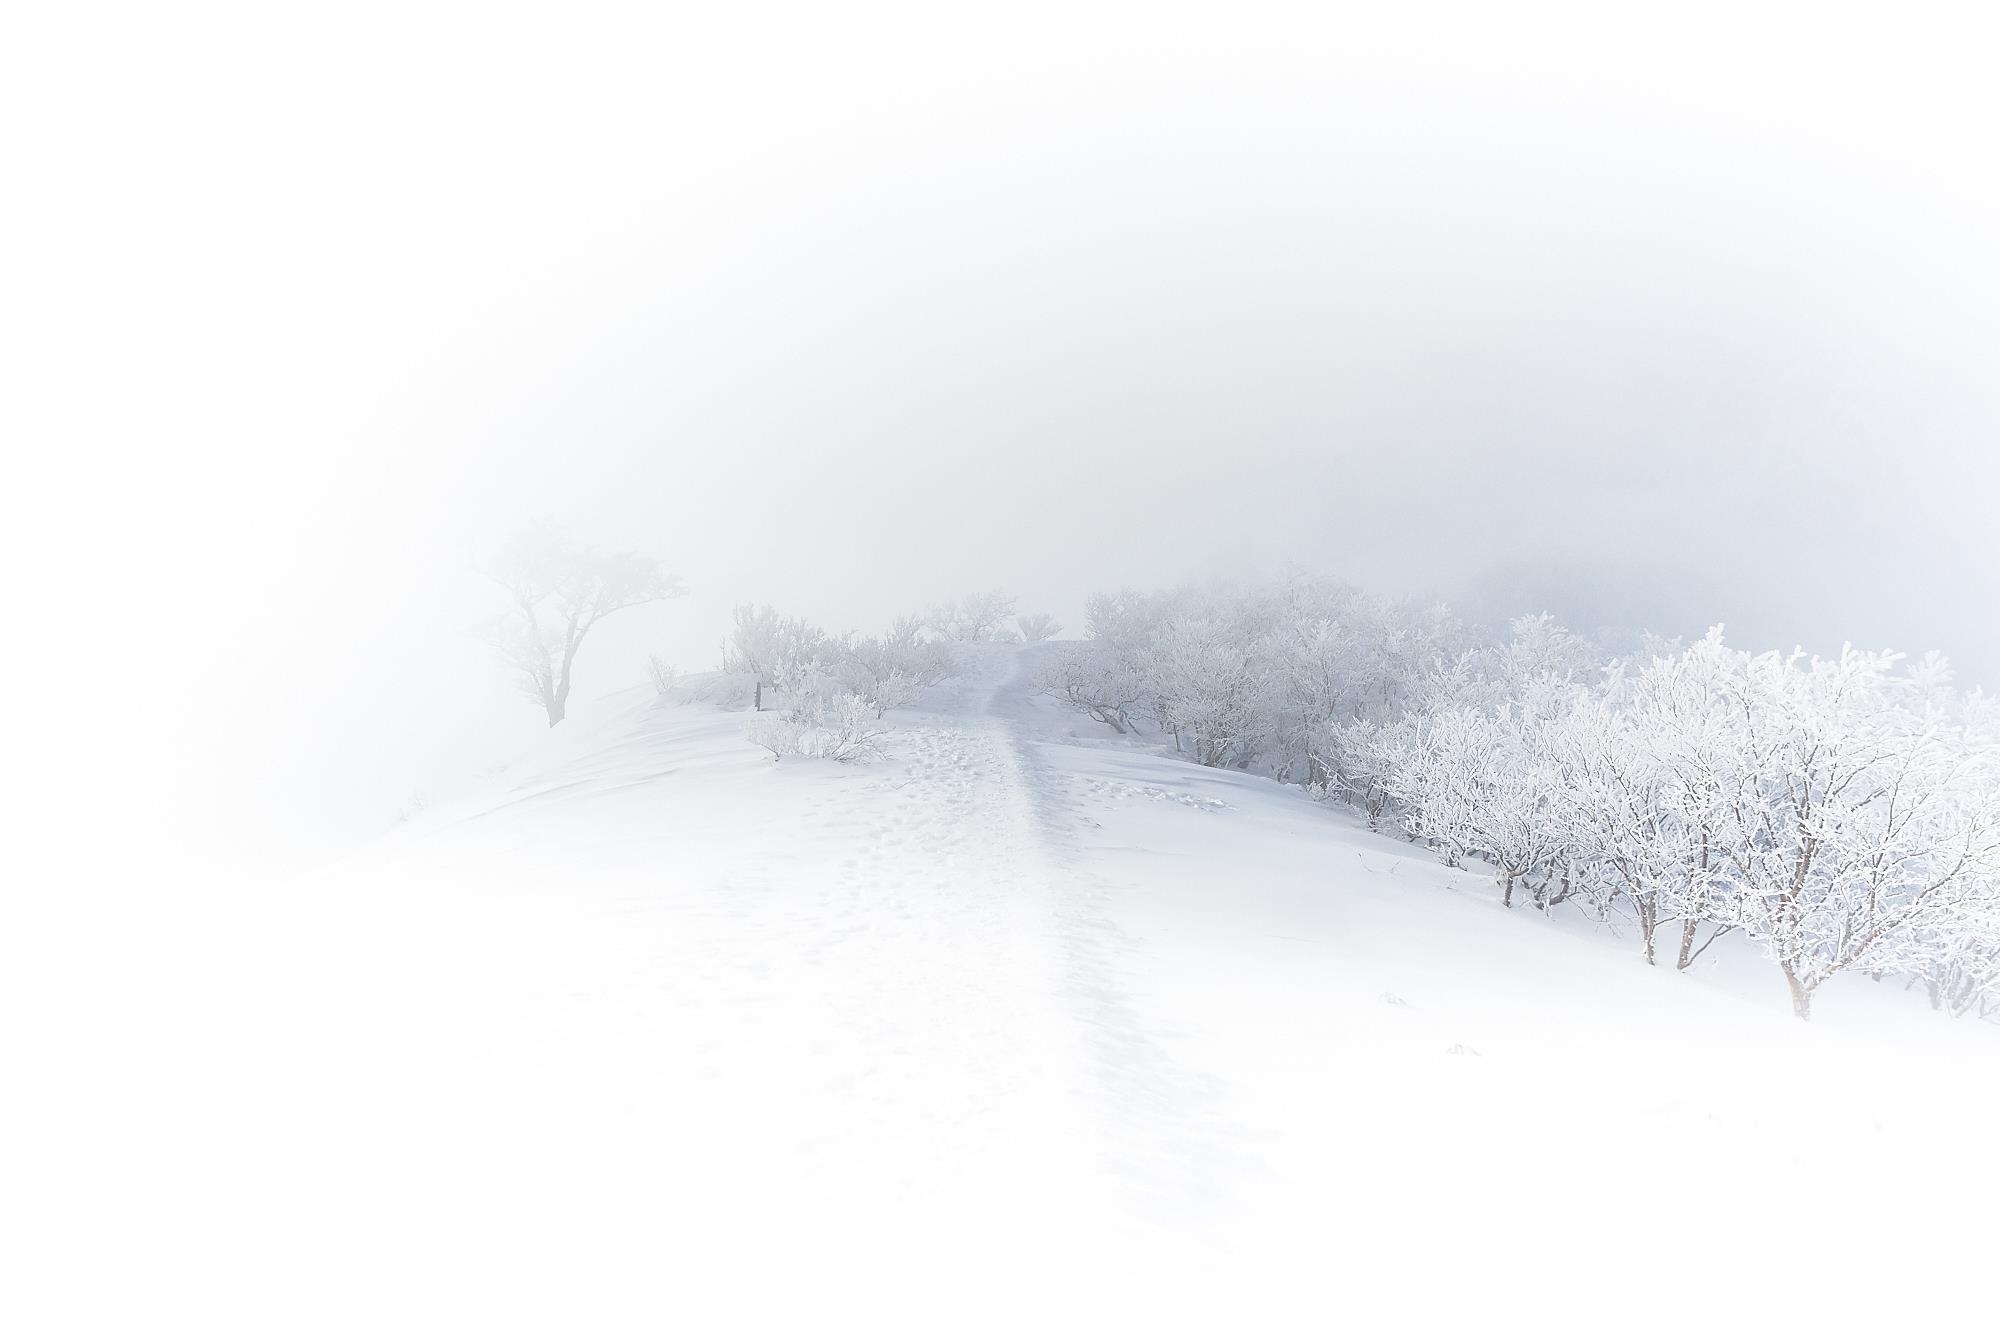 冬の雪山の石鎚山の霧氷